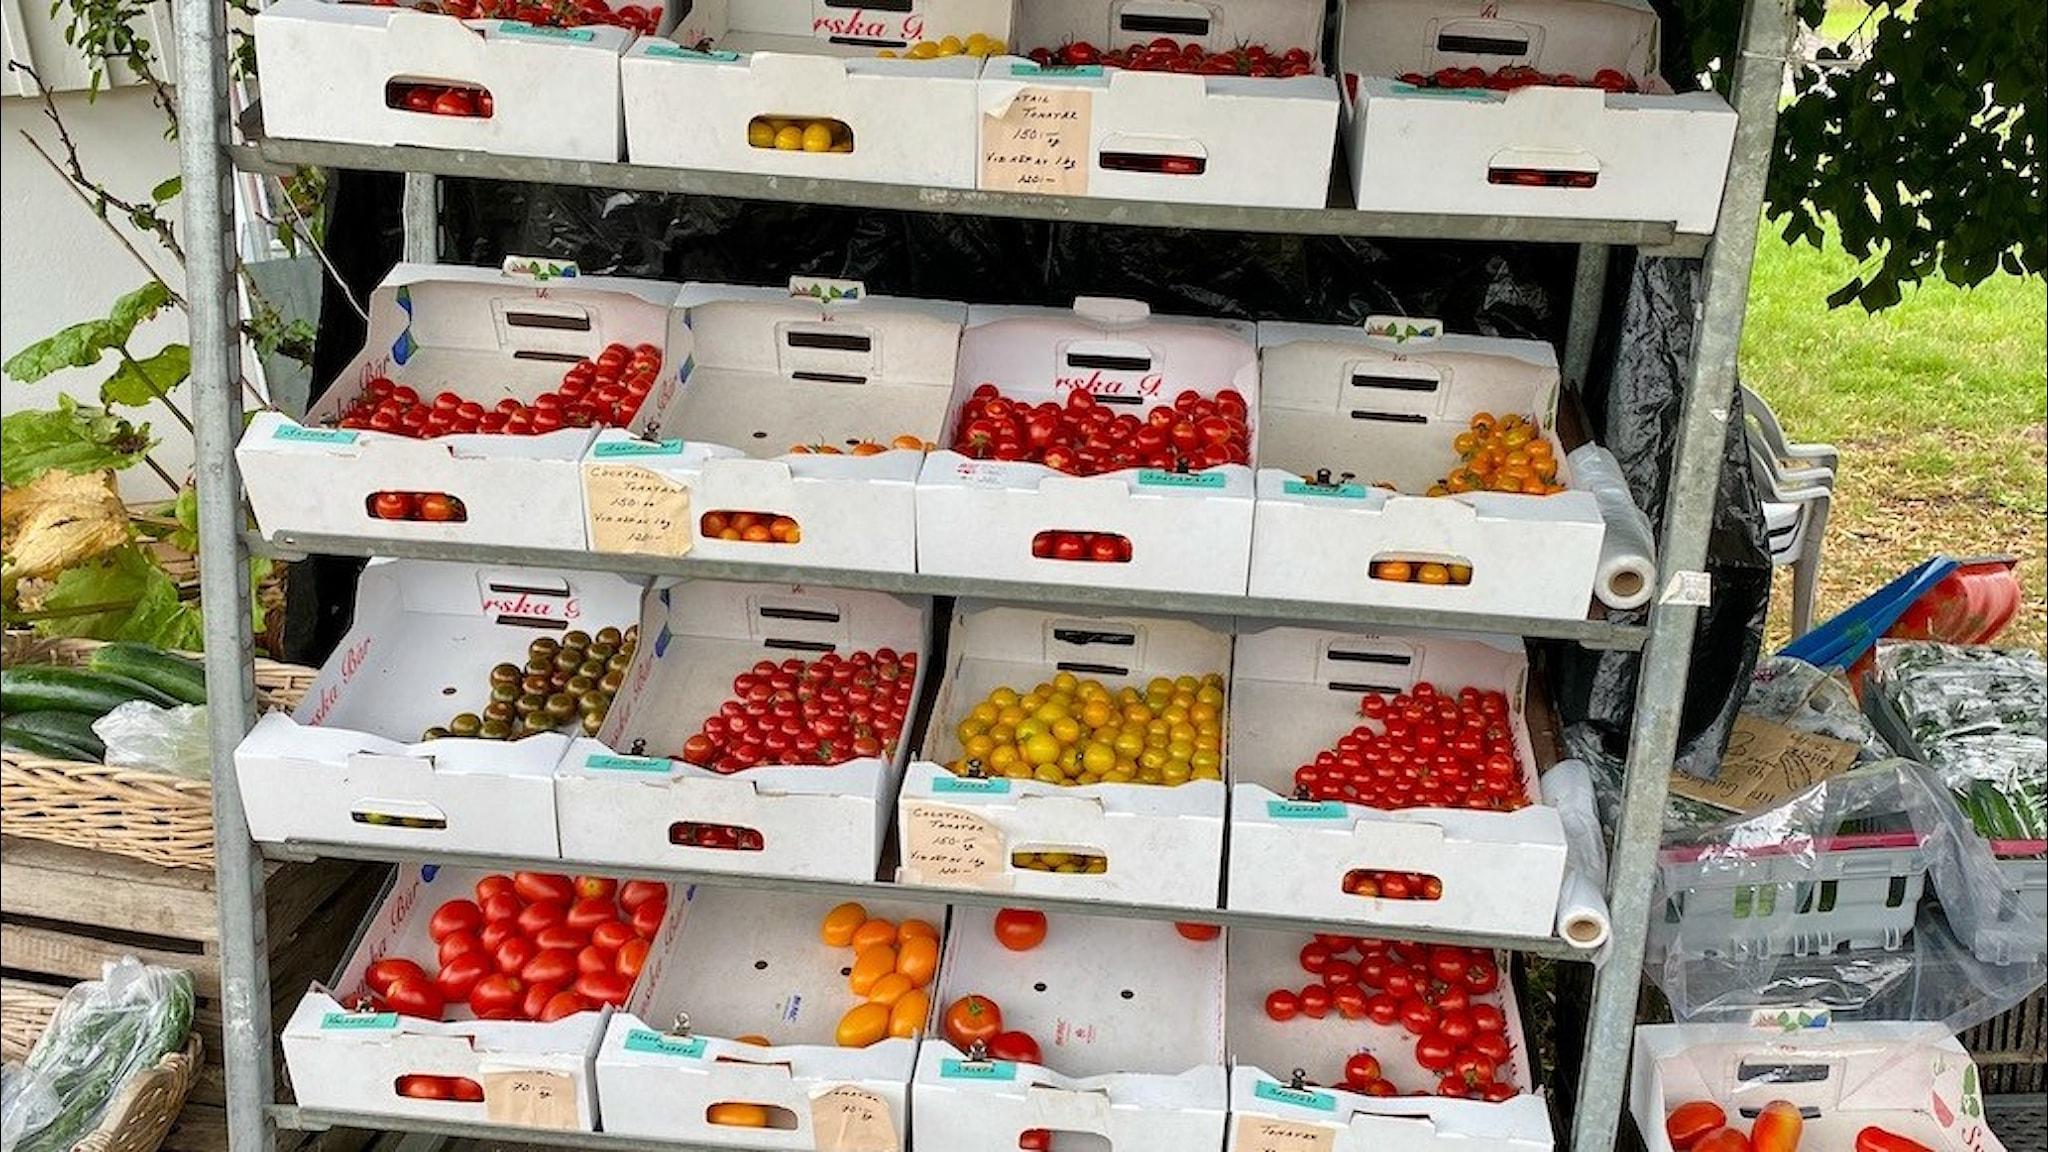 Den här dagens fanns det 17 olika sorter tomater till försäljning.